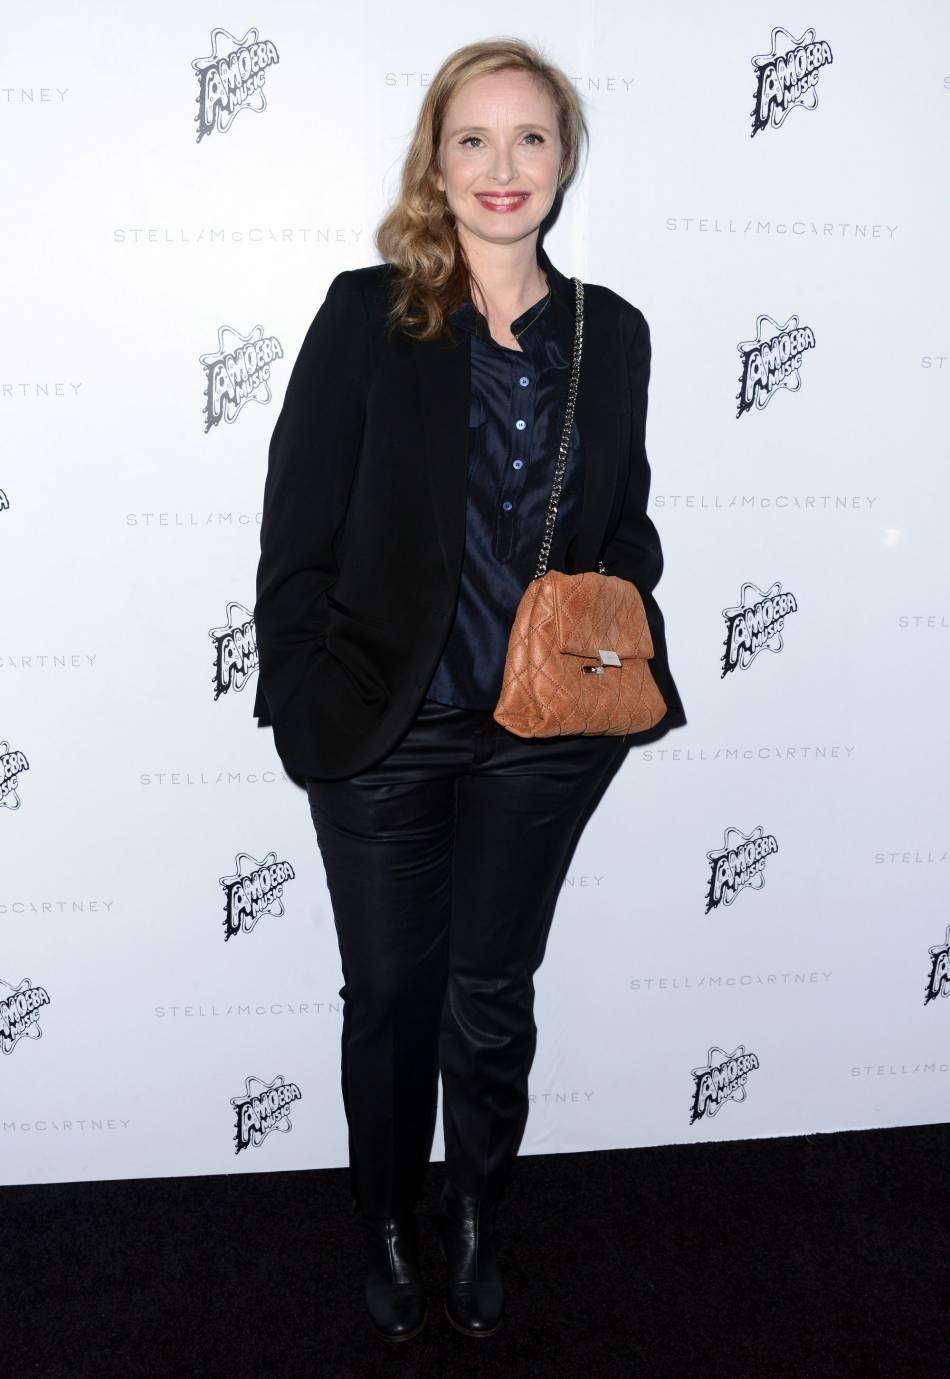 Julie Delpy à la présentation de la collection de l'Automne 2016 de Stella McCartney, à Los Angeles, ce mardi 12 janvier 2016.